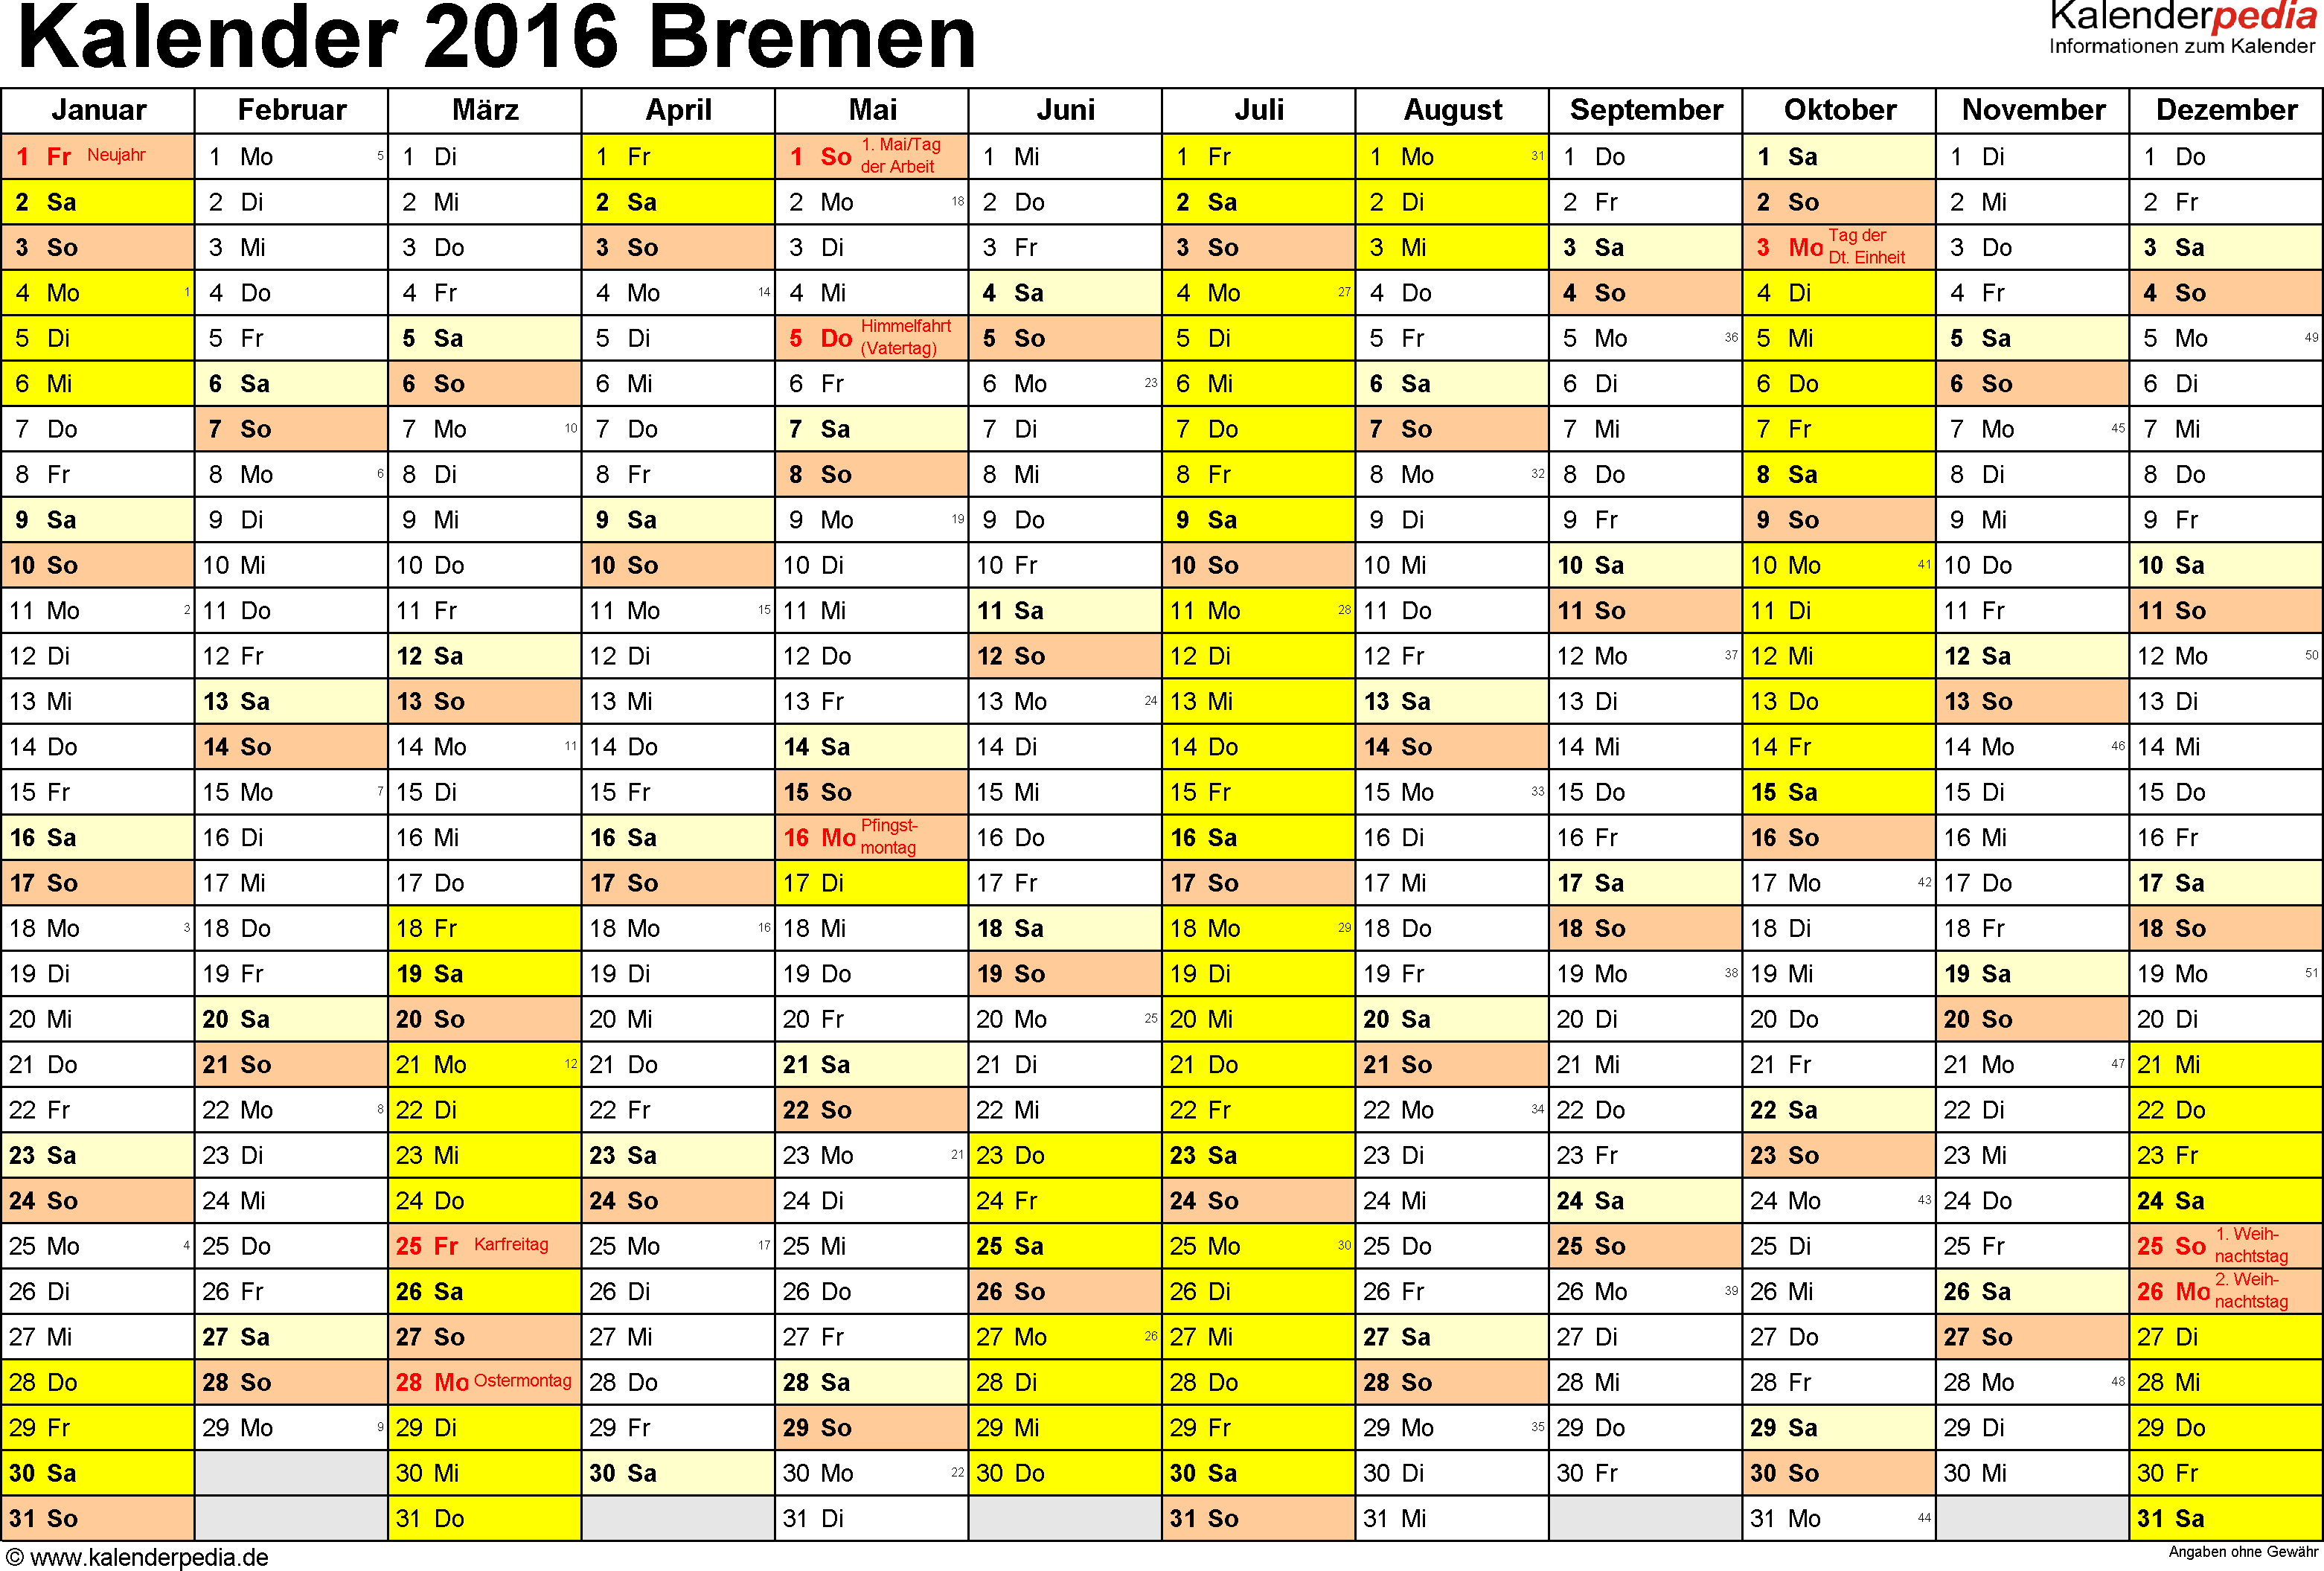 Vorlage 1: Kalender 2016 für Bremen als Word-Vorlagen (Querformat, 1 Seite)